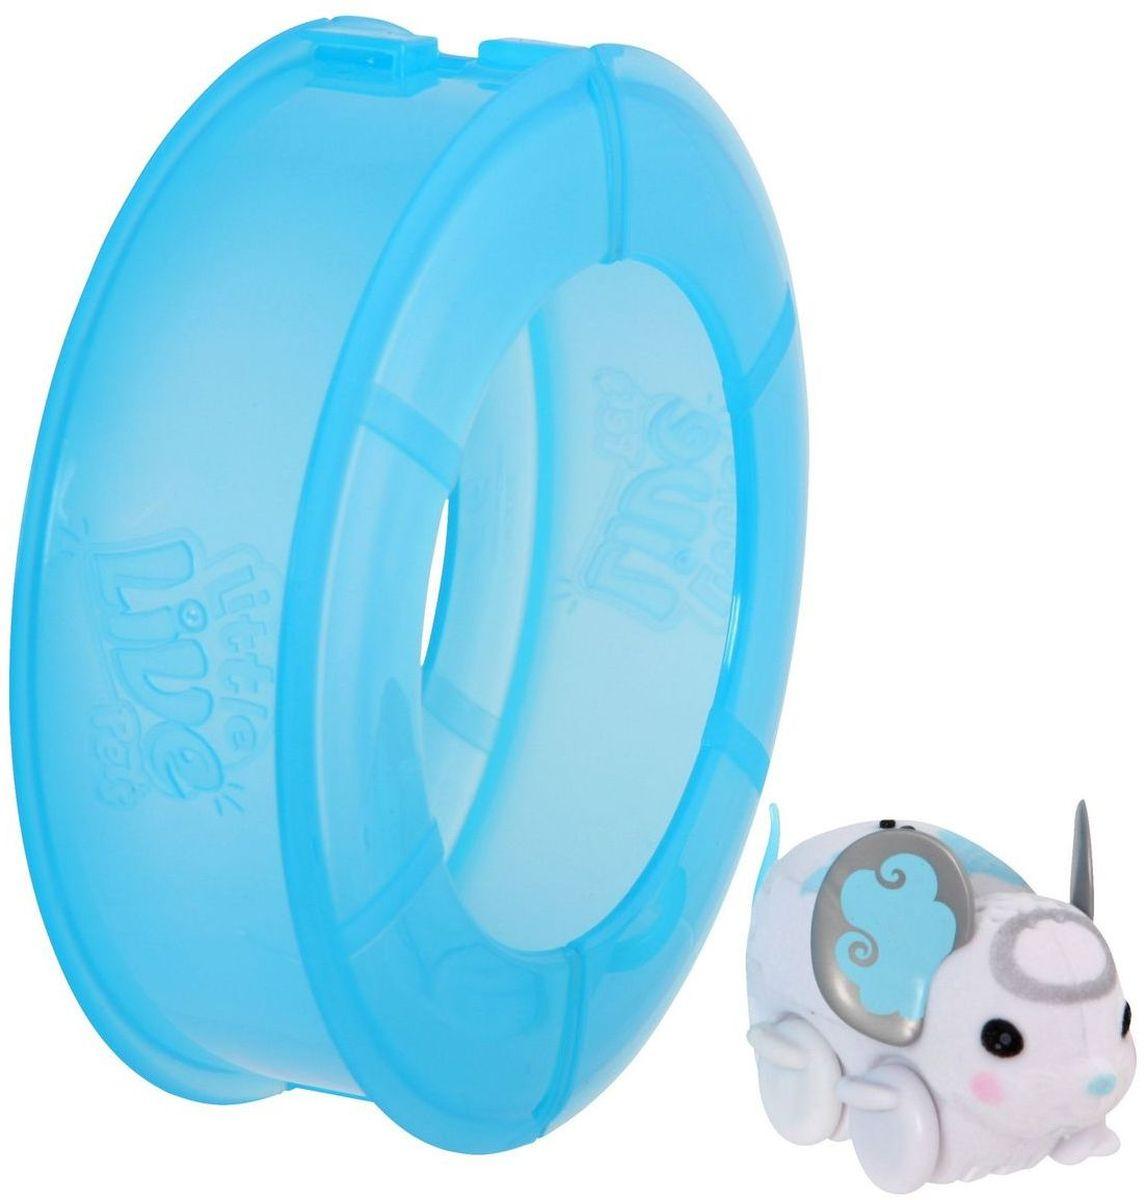 Little Live Pets Интерактивная игрушка Мышка в колесе цвет белый28193/ast28173(28193,28194,28195)Интерактивная игрушка Little Live Pet Мышка в колесе изготовлена из высокопрочного пластика, обтянутого флоком. Тело игрушки на ощупь напоминает настоящую шерстку мышонка. Мышка легко и быстро двигается по полу комнаты в колесе благодаря колесикам. Ее красивые ушки разукрашены яркими узорами. Мышка издает писк и фырканье, очень похожие на настоящие. Кнопка включения расположена на месте рта. Сенсор расположен на спине мышки. Достаточно провести по нему пальцем, чтобы мышка начала движение. Рекомендовано для детей от 5 лет. Для работы требуются 3 батарейки типа AG13 (LR44) (комплектуется демонстрационными).